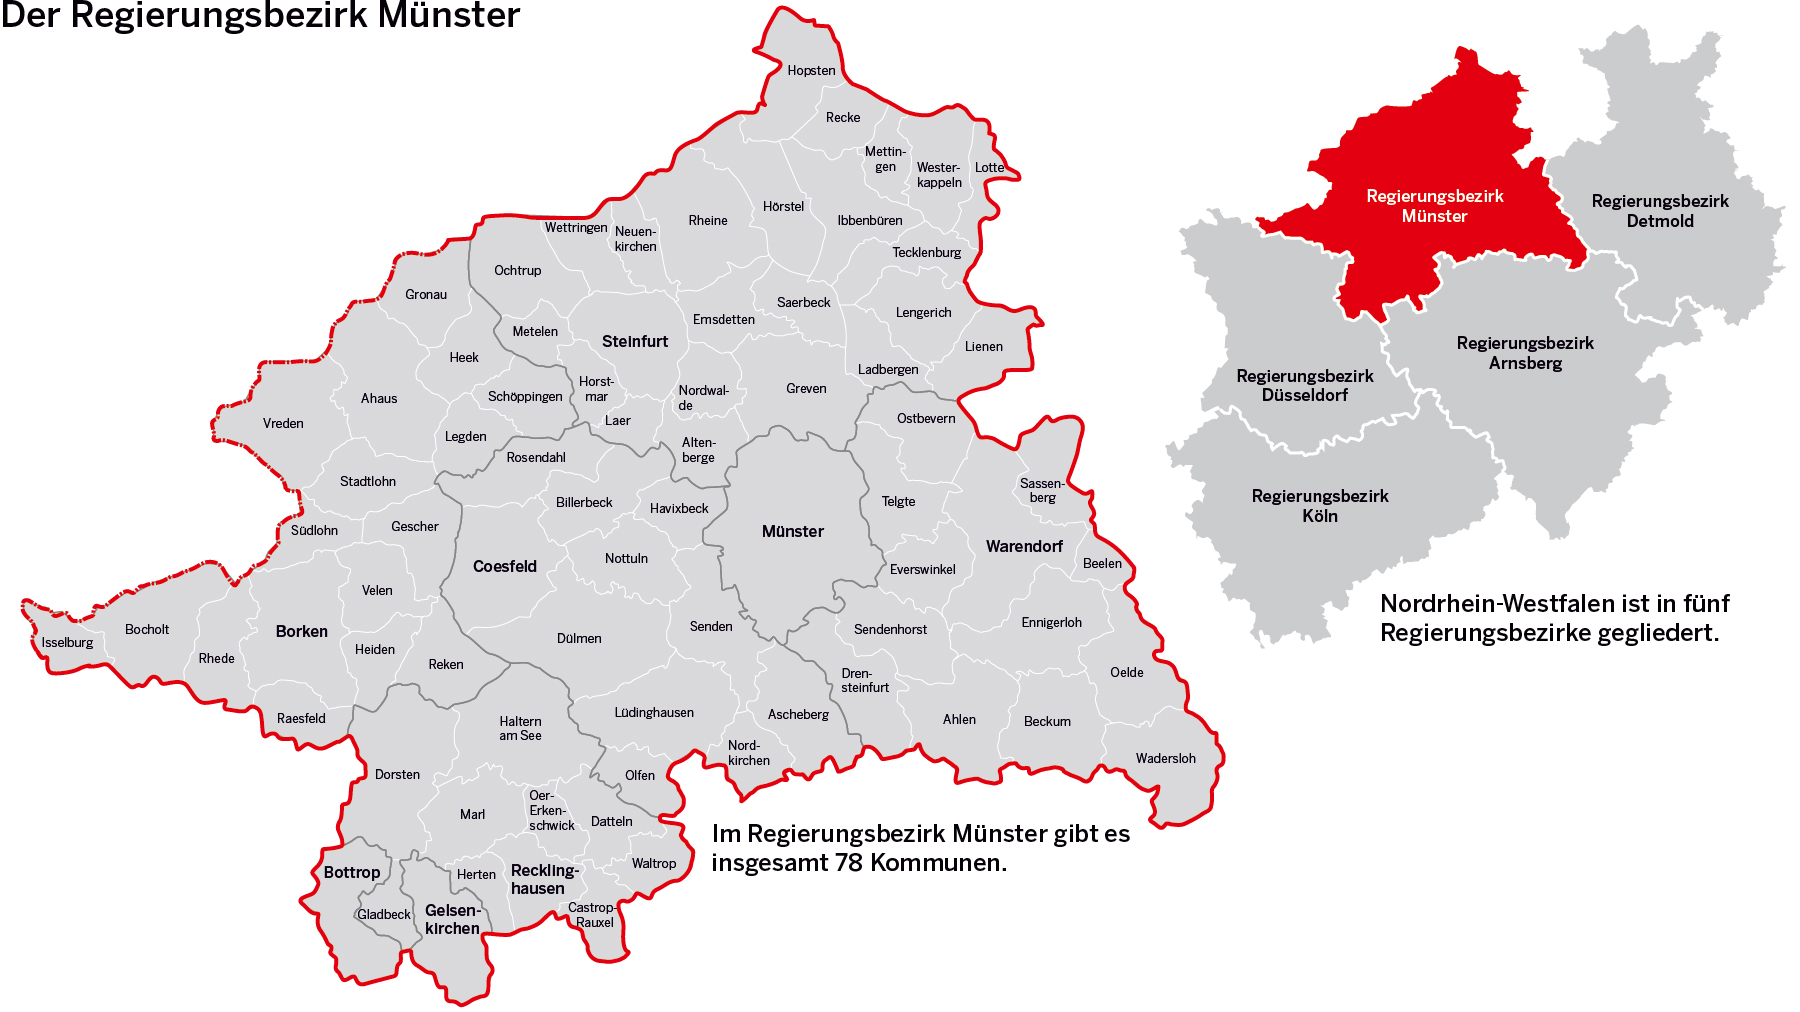 karte münsterland Bezirksregierung Münster – Der Regierungsbezirk Münster